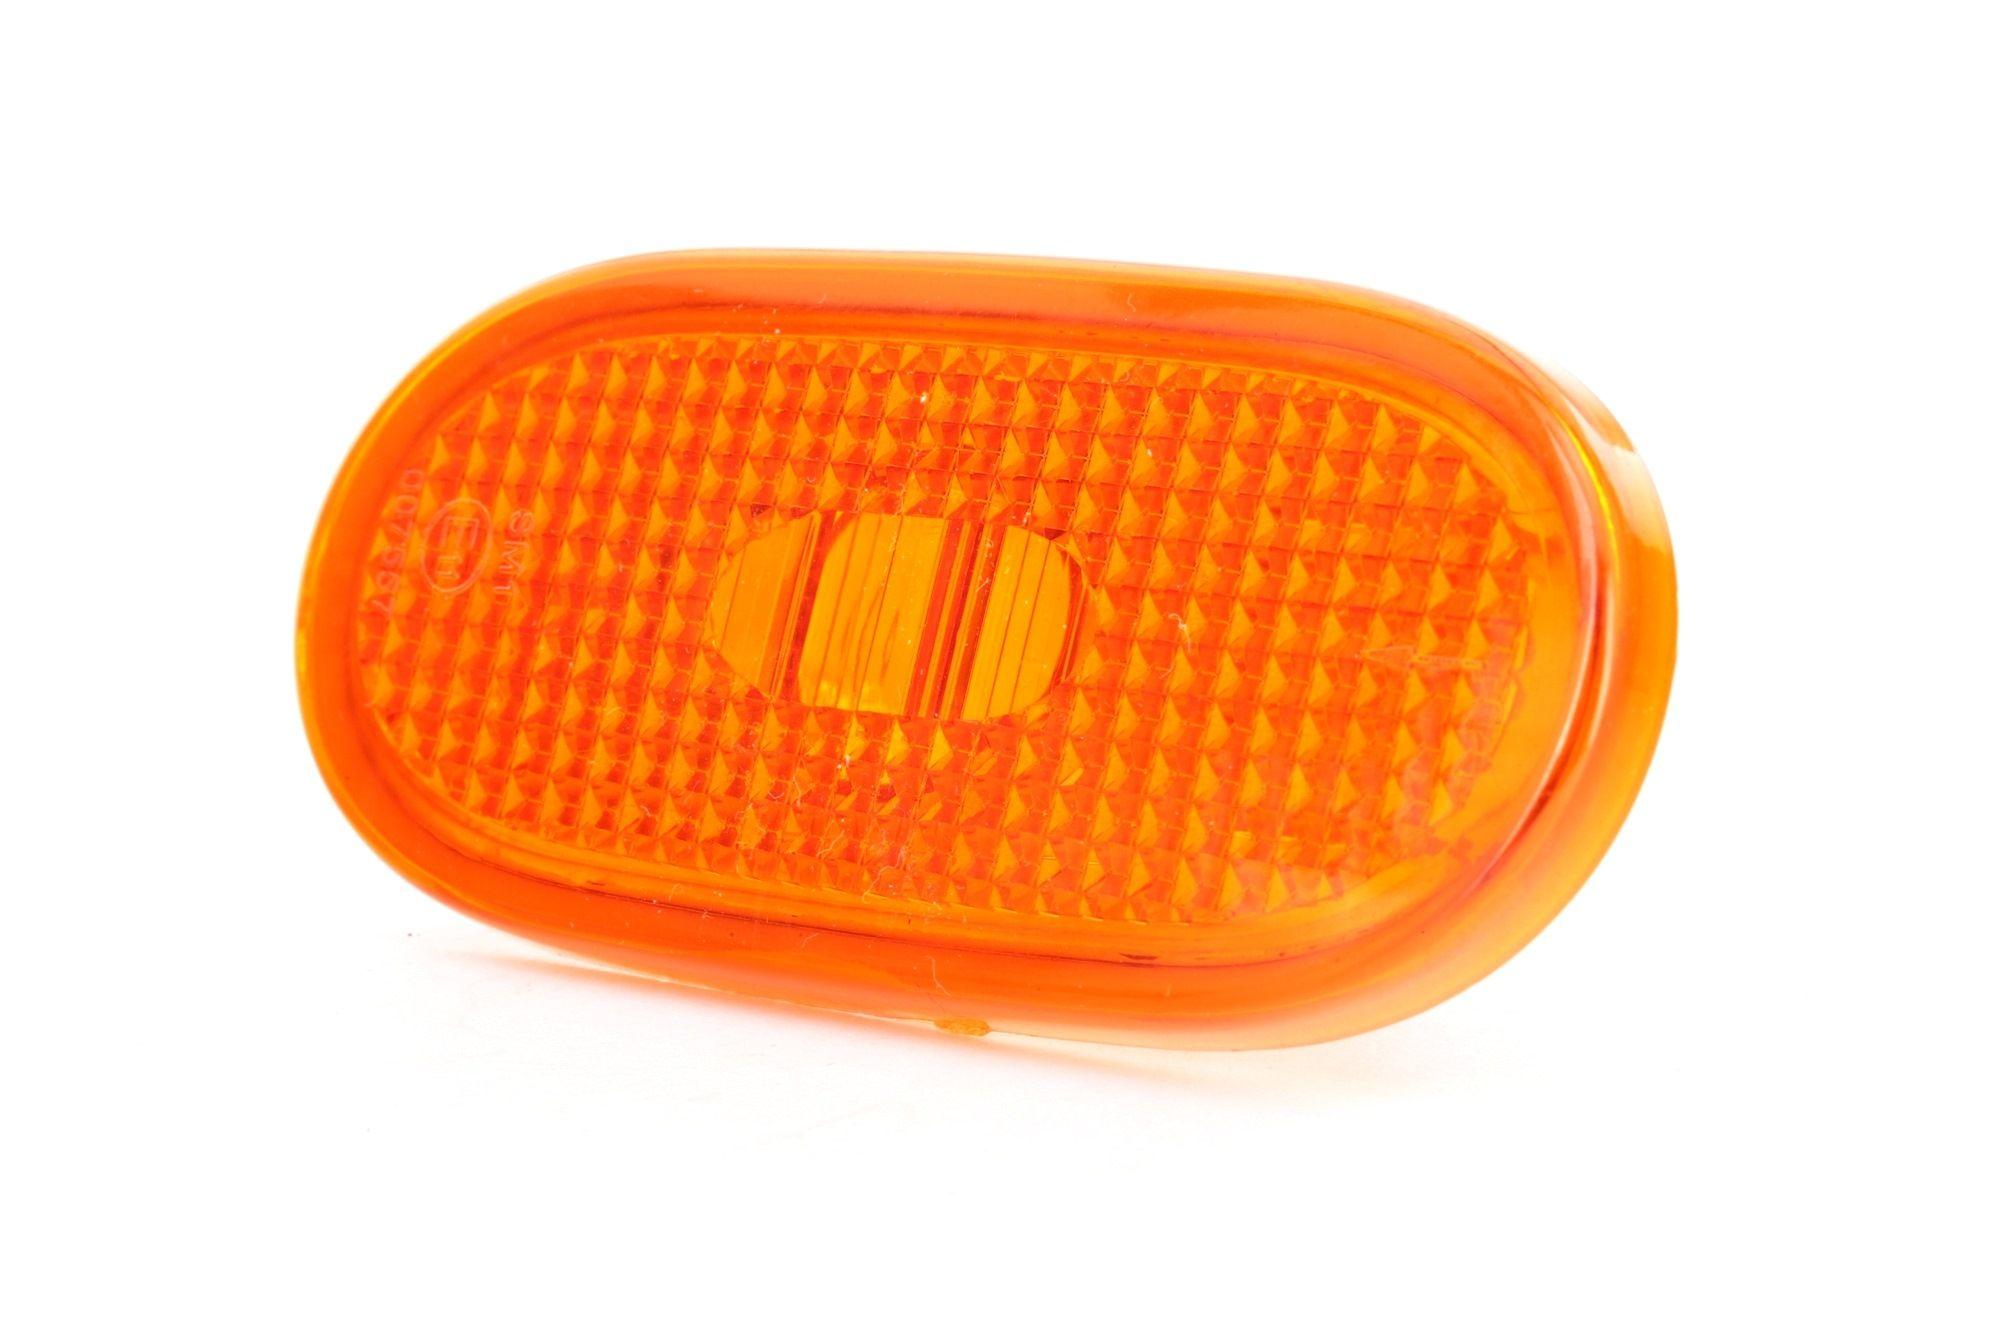 köp Sidomarkeringsljus 4.68084 när du vill